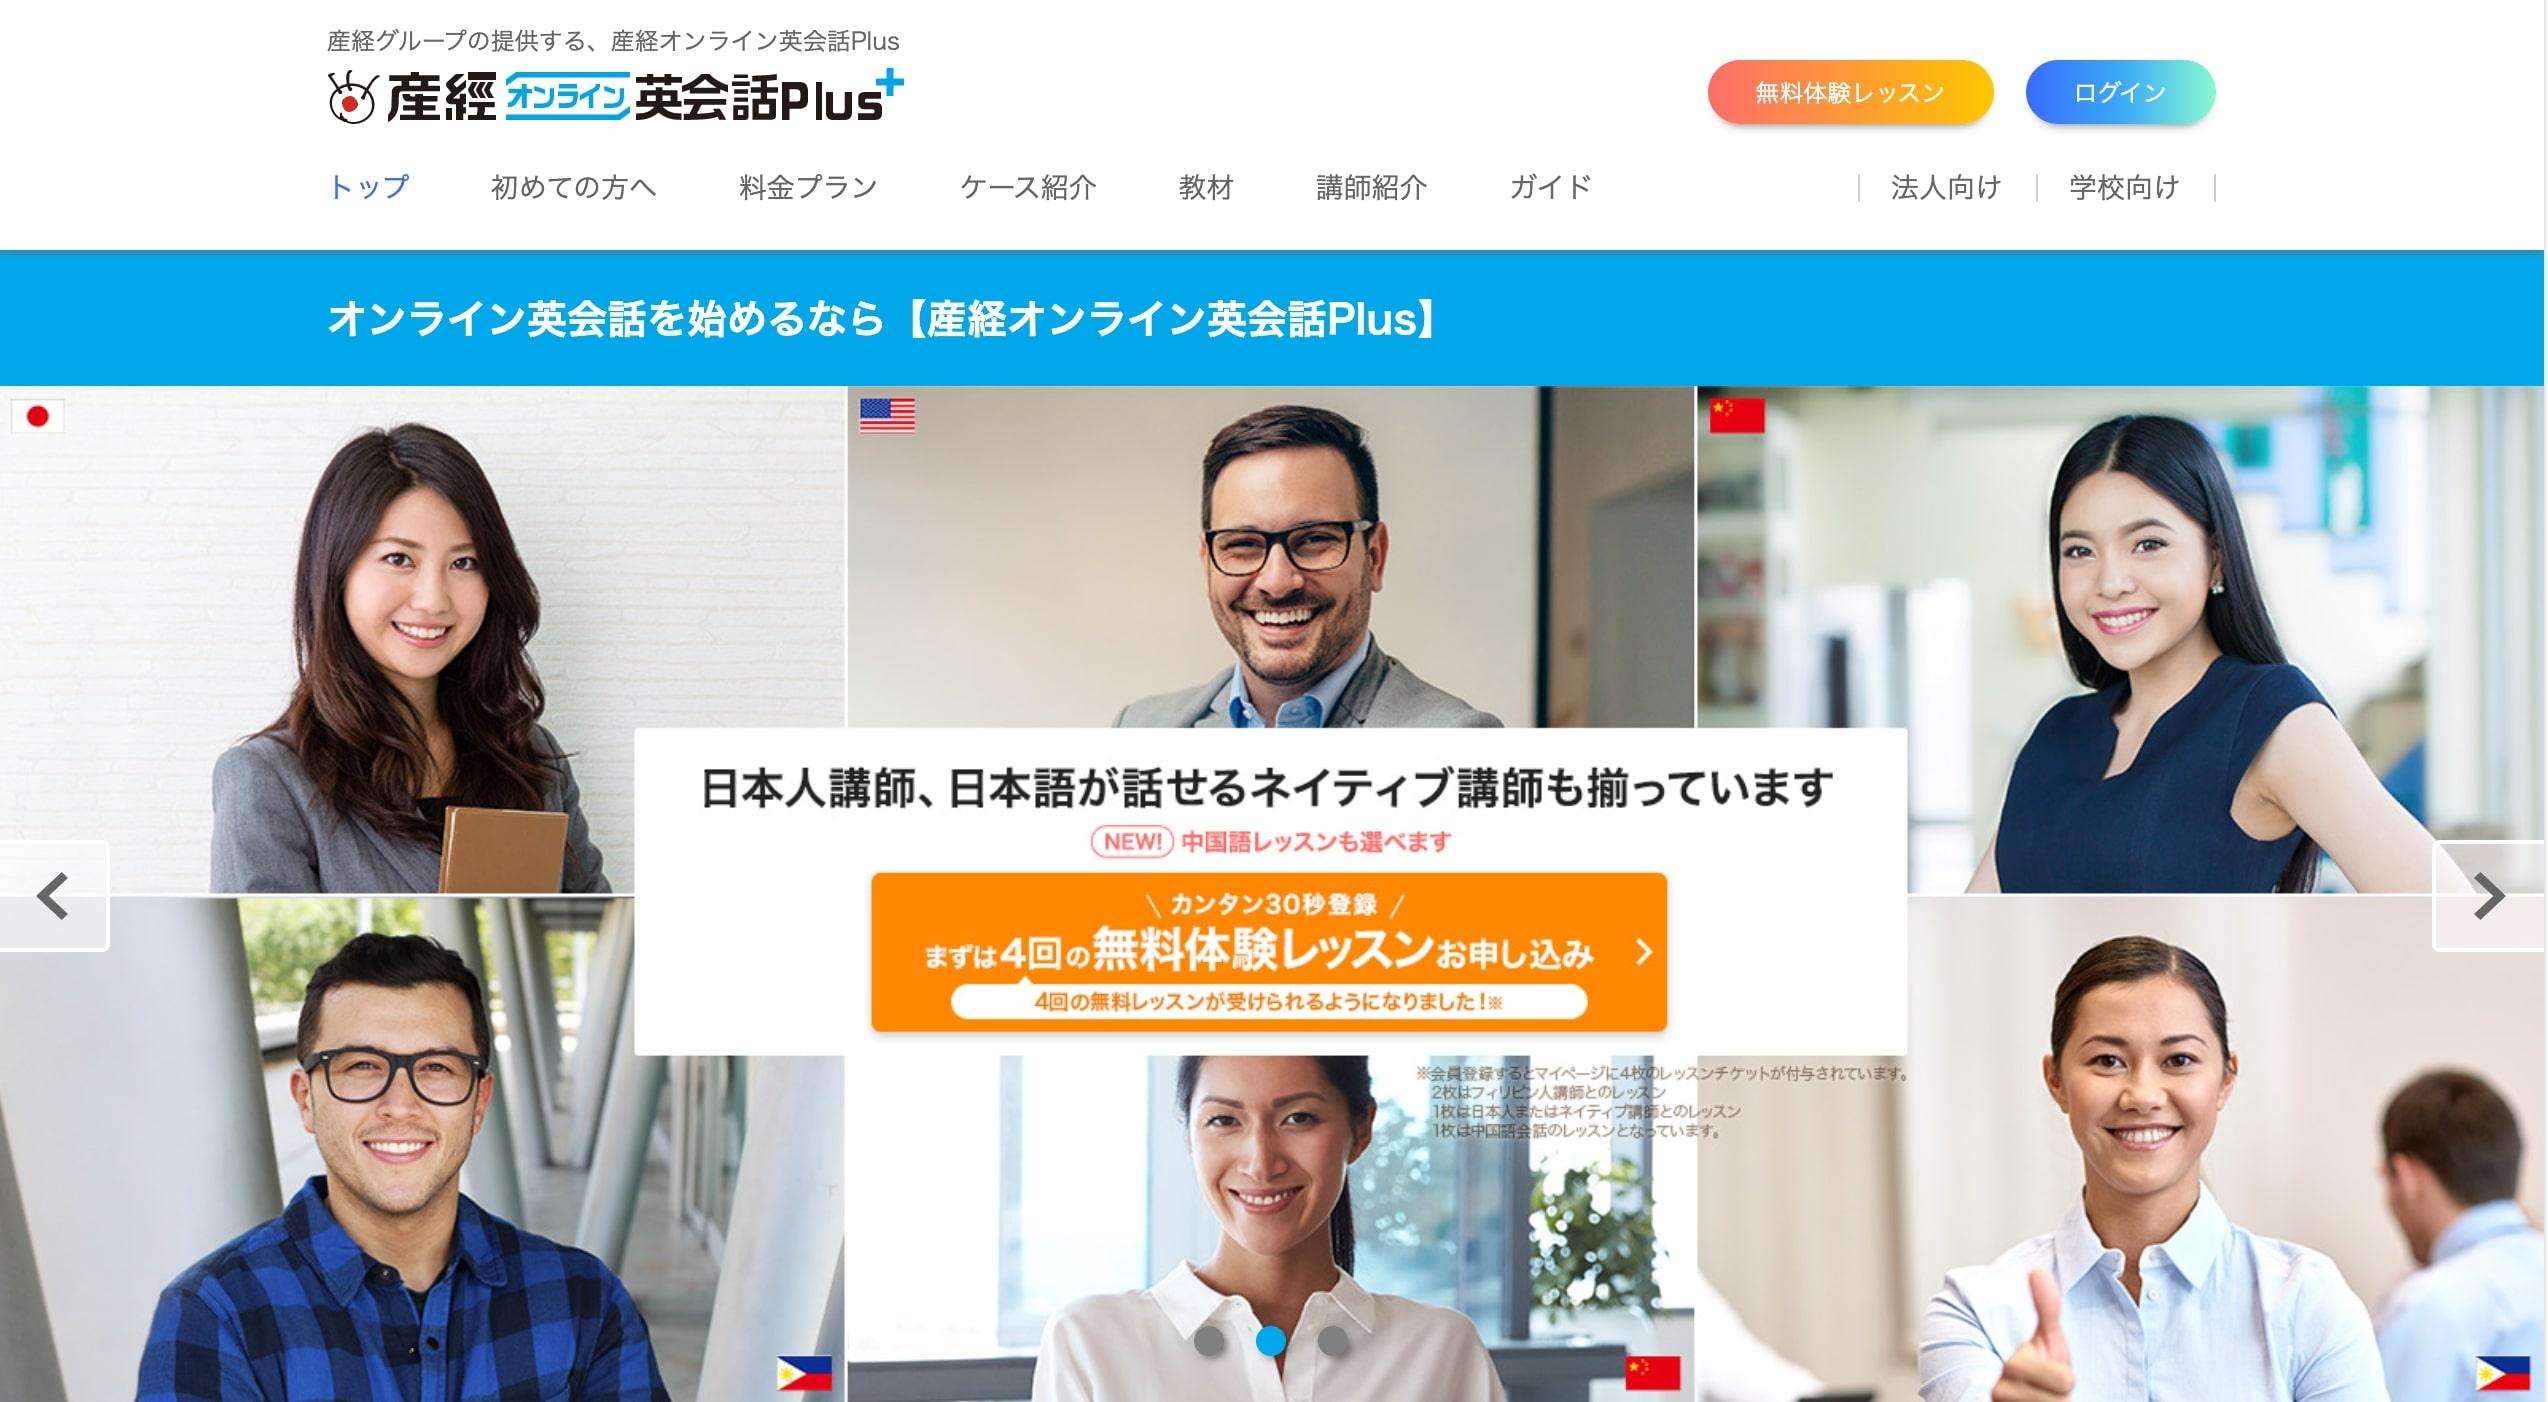 産経オンライン英会話Plusって何?